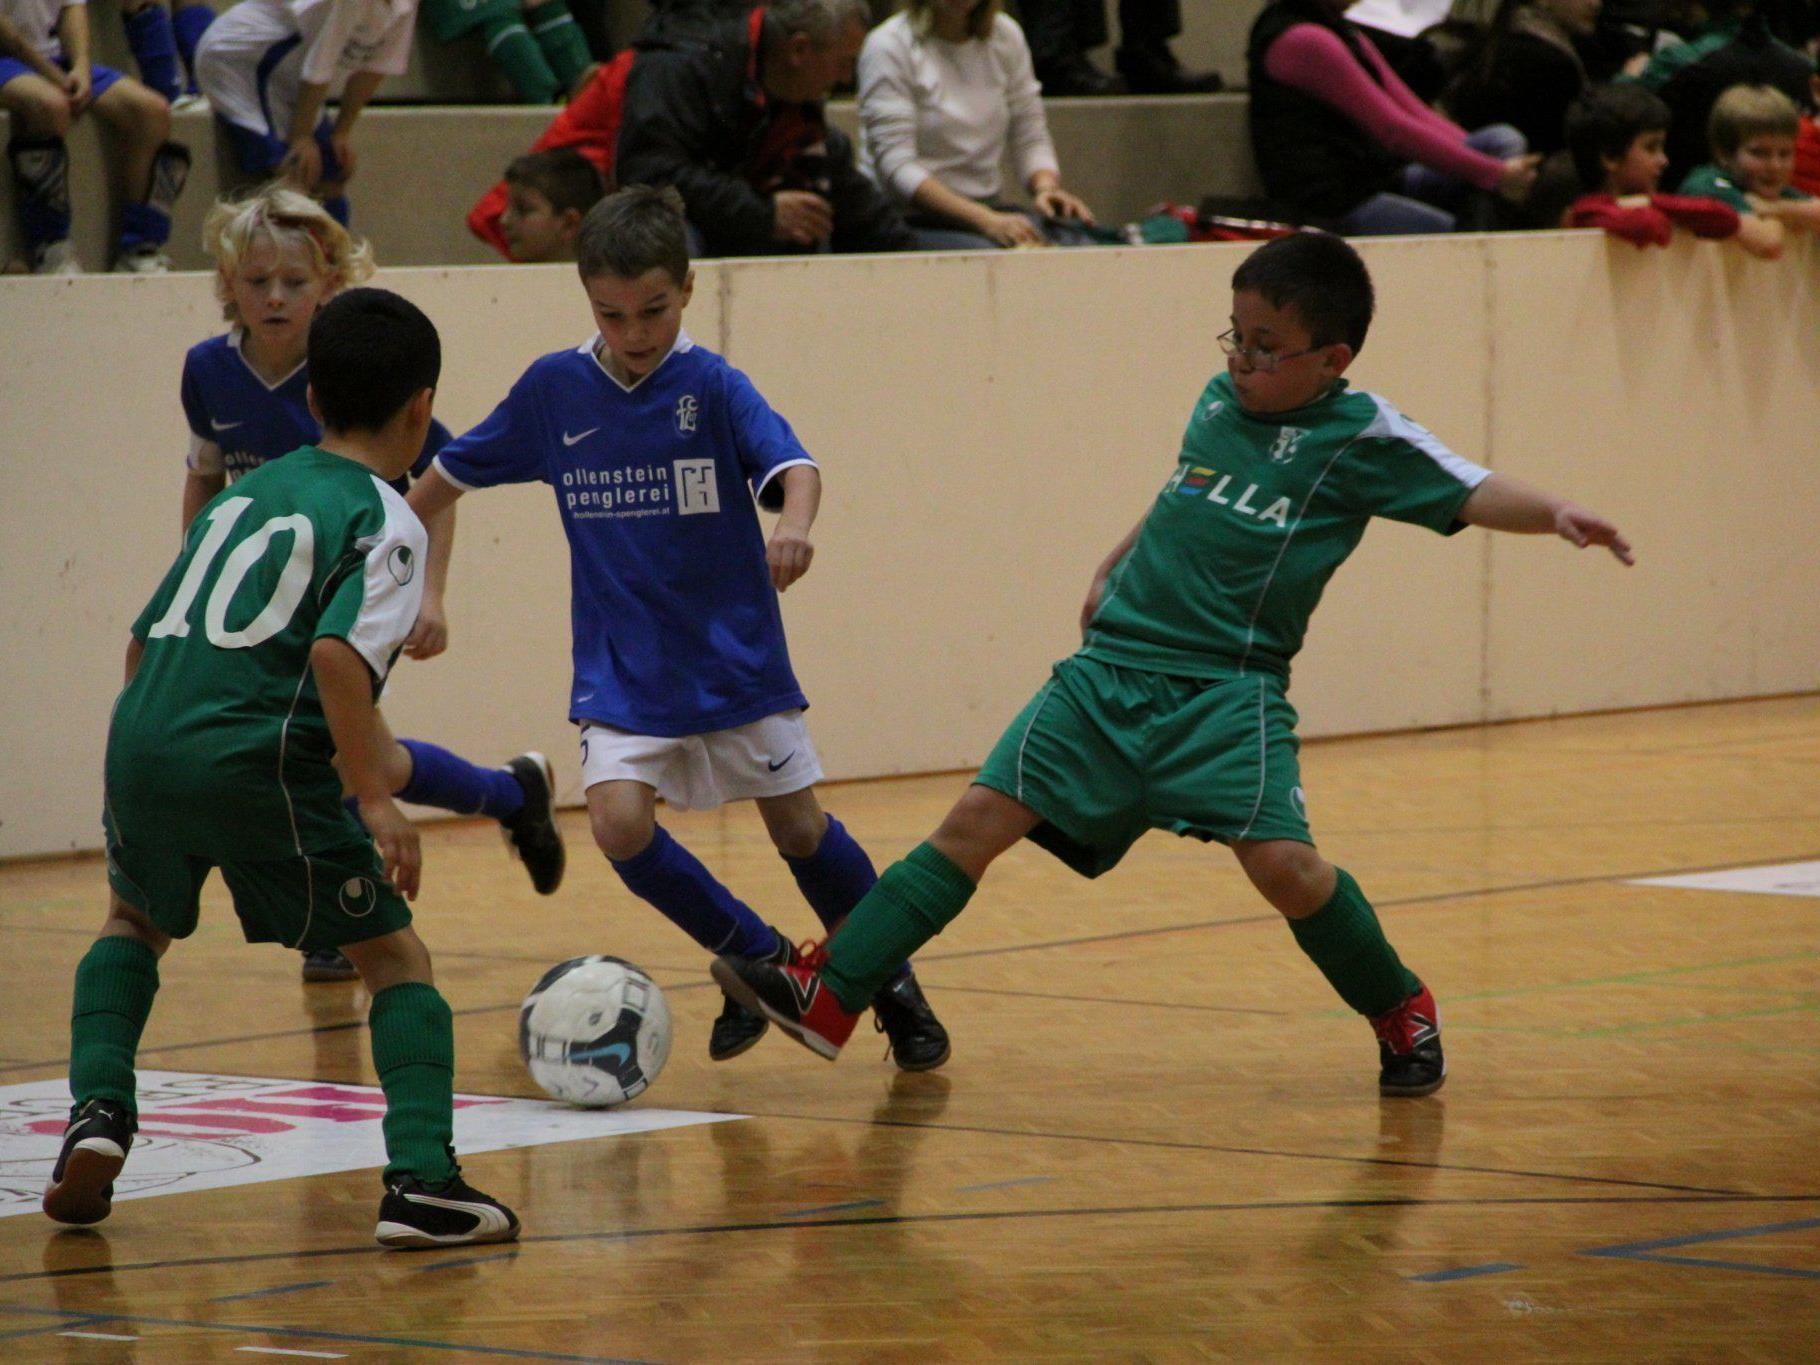 Ende Jänner wird Lustenau wieder zum Fußballmekka für den Nachwuchs.